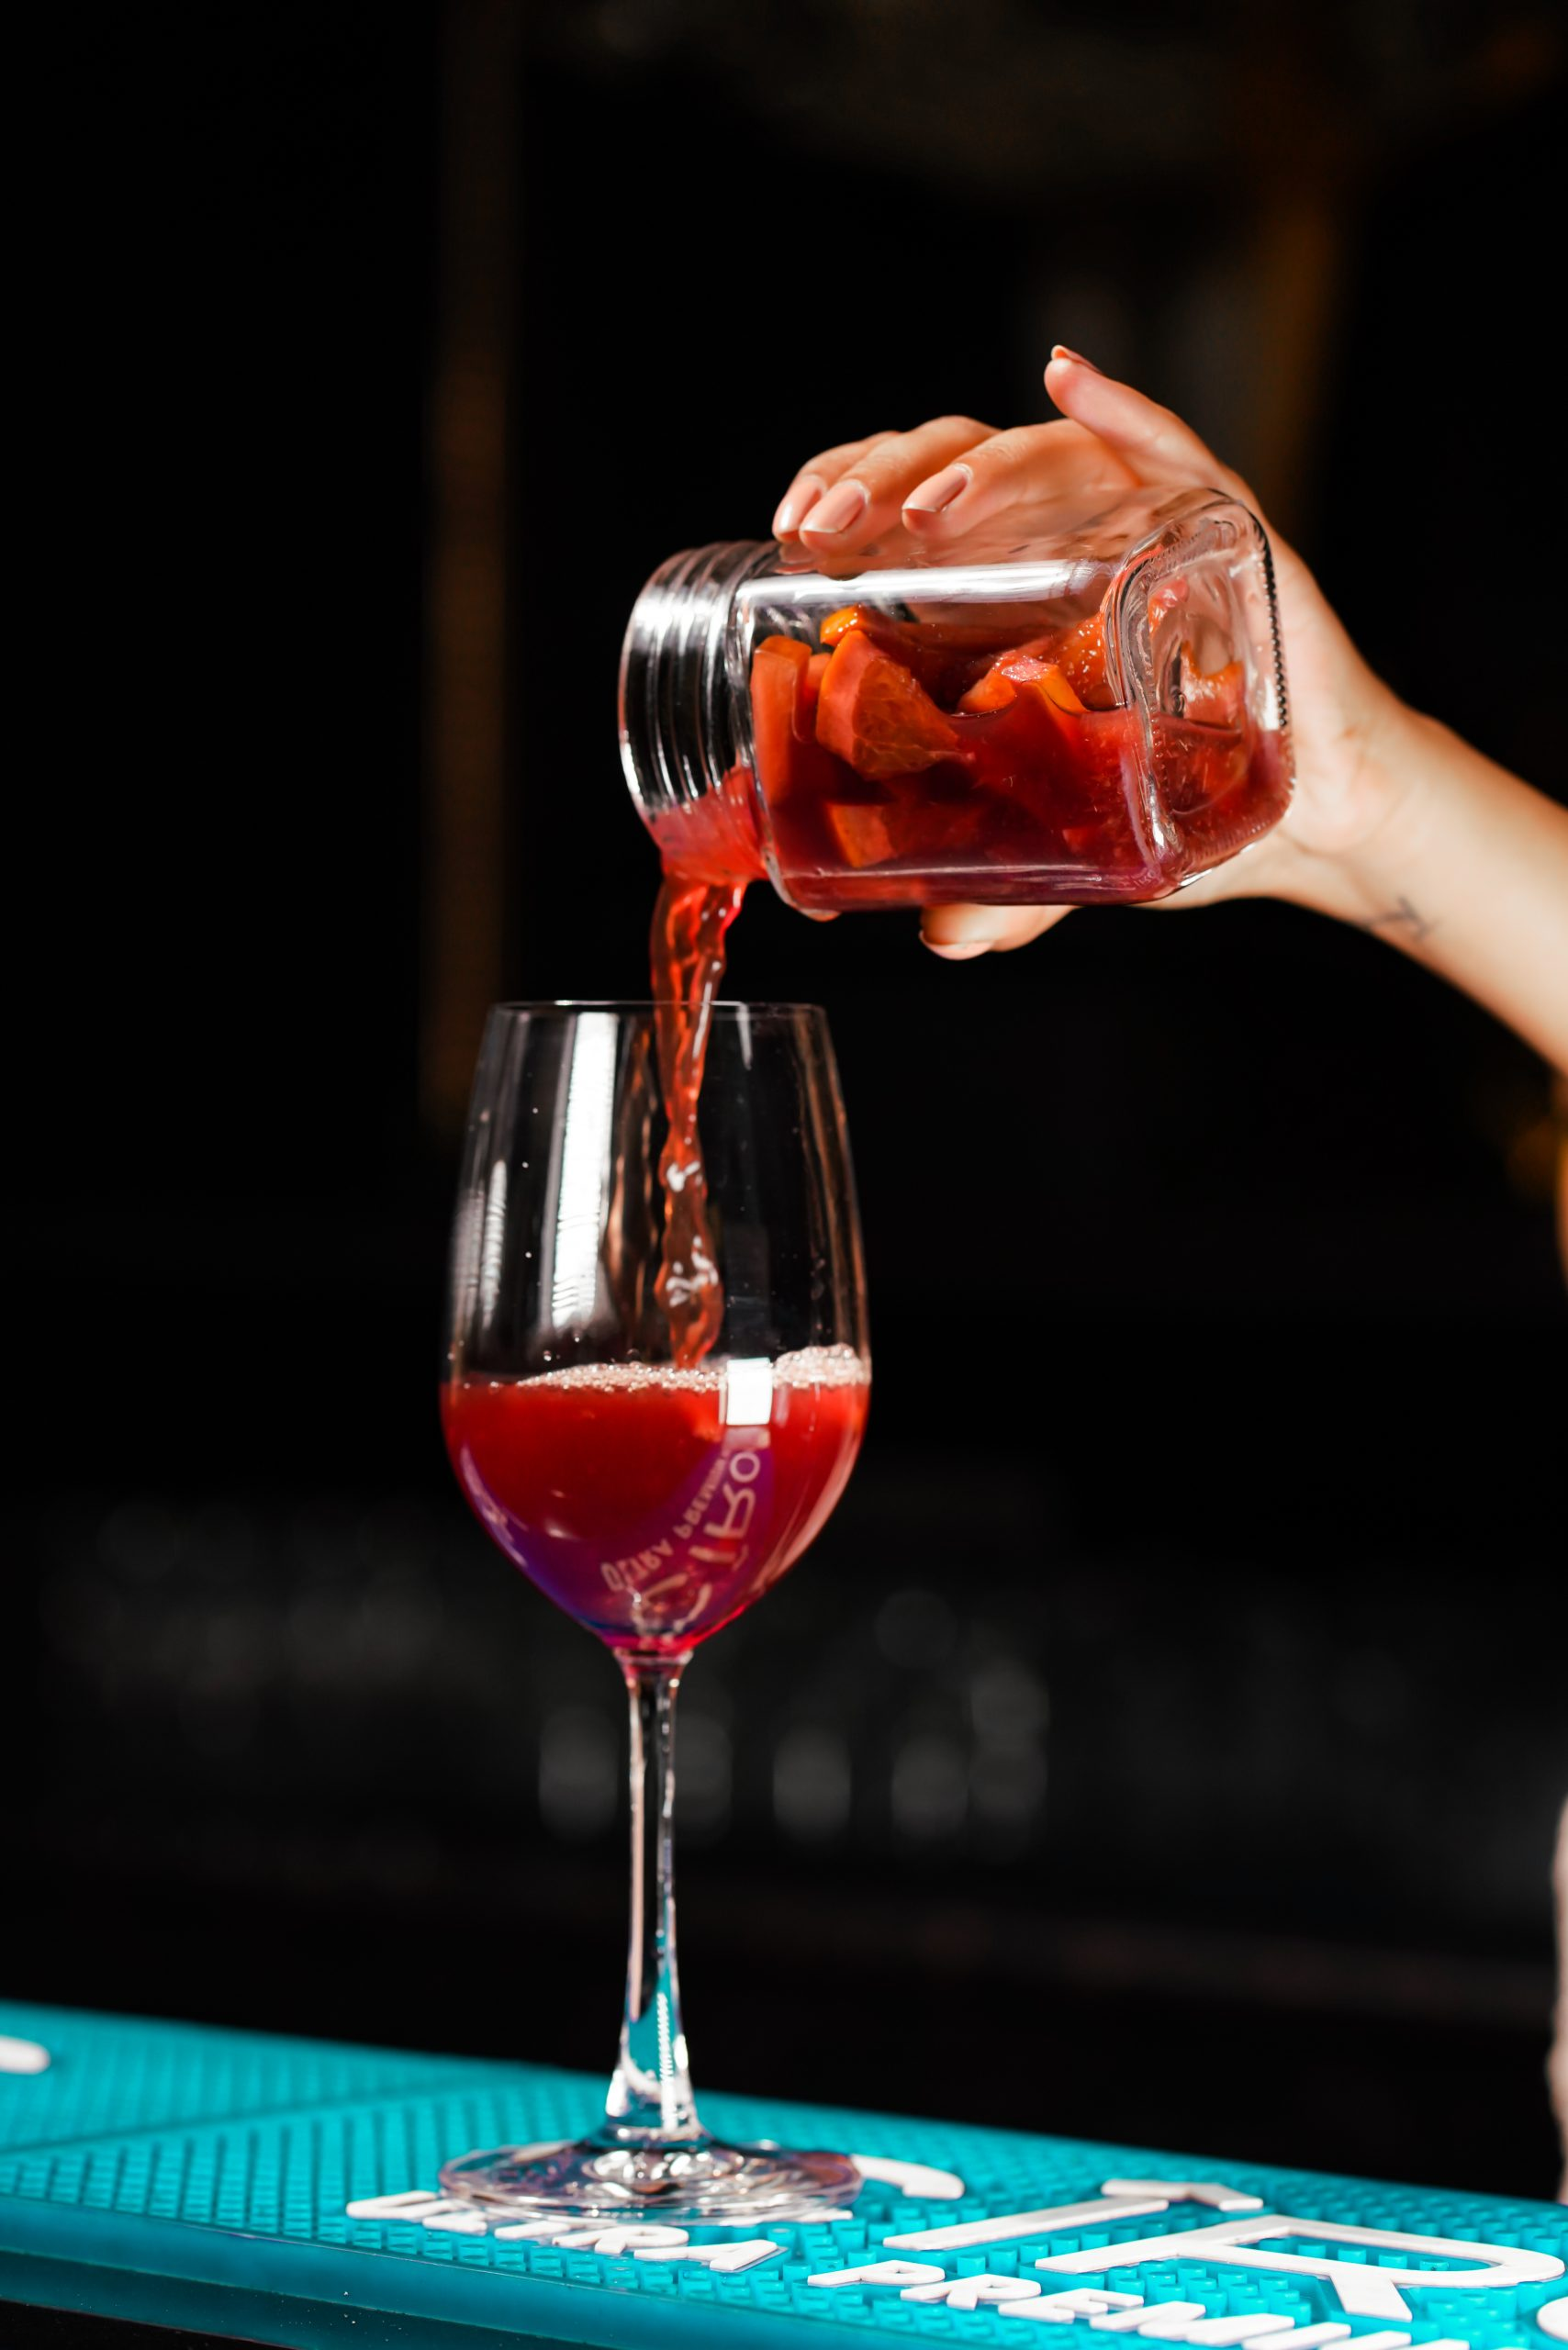 mixing wine